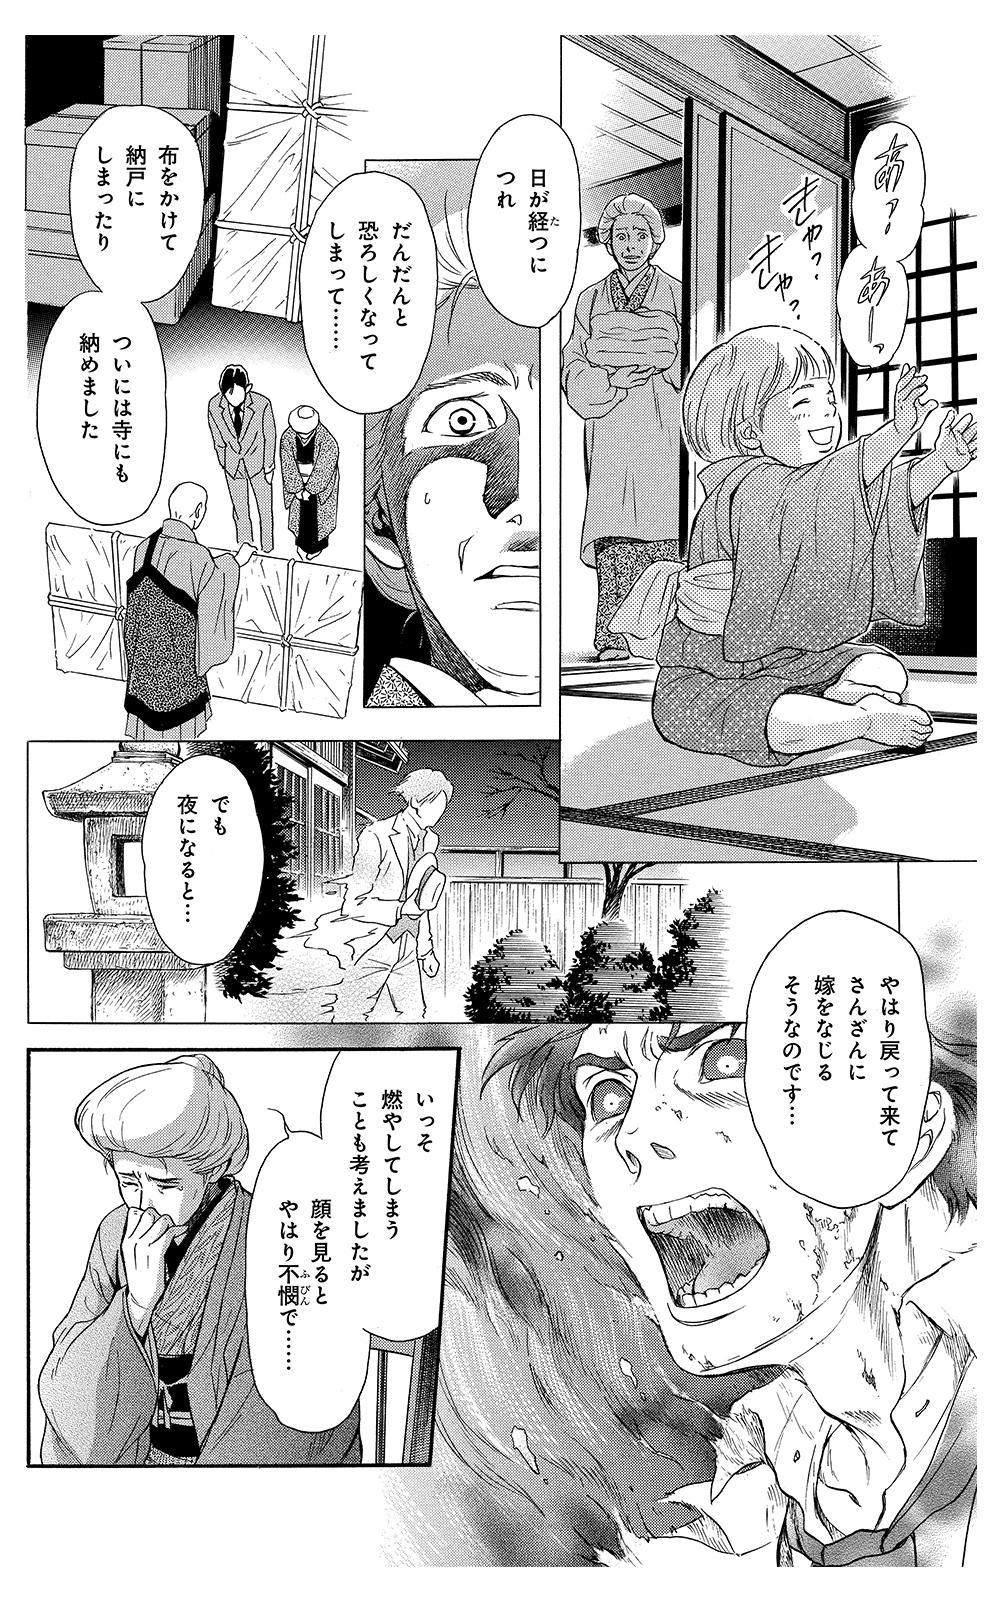 鵼の絵師 第1話「鵼の絵師」②nue-1-20.jpg